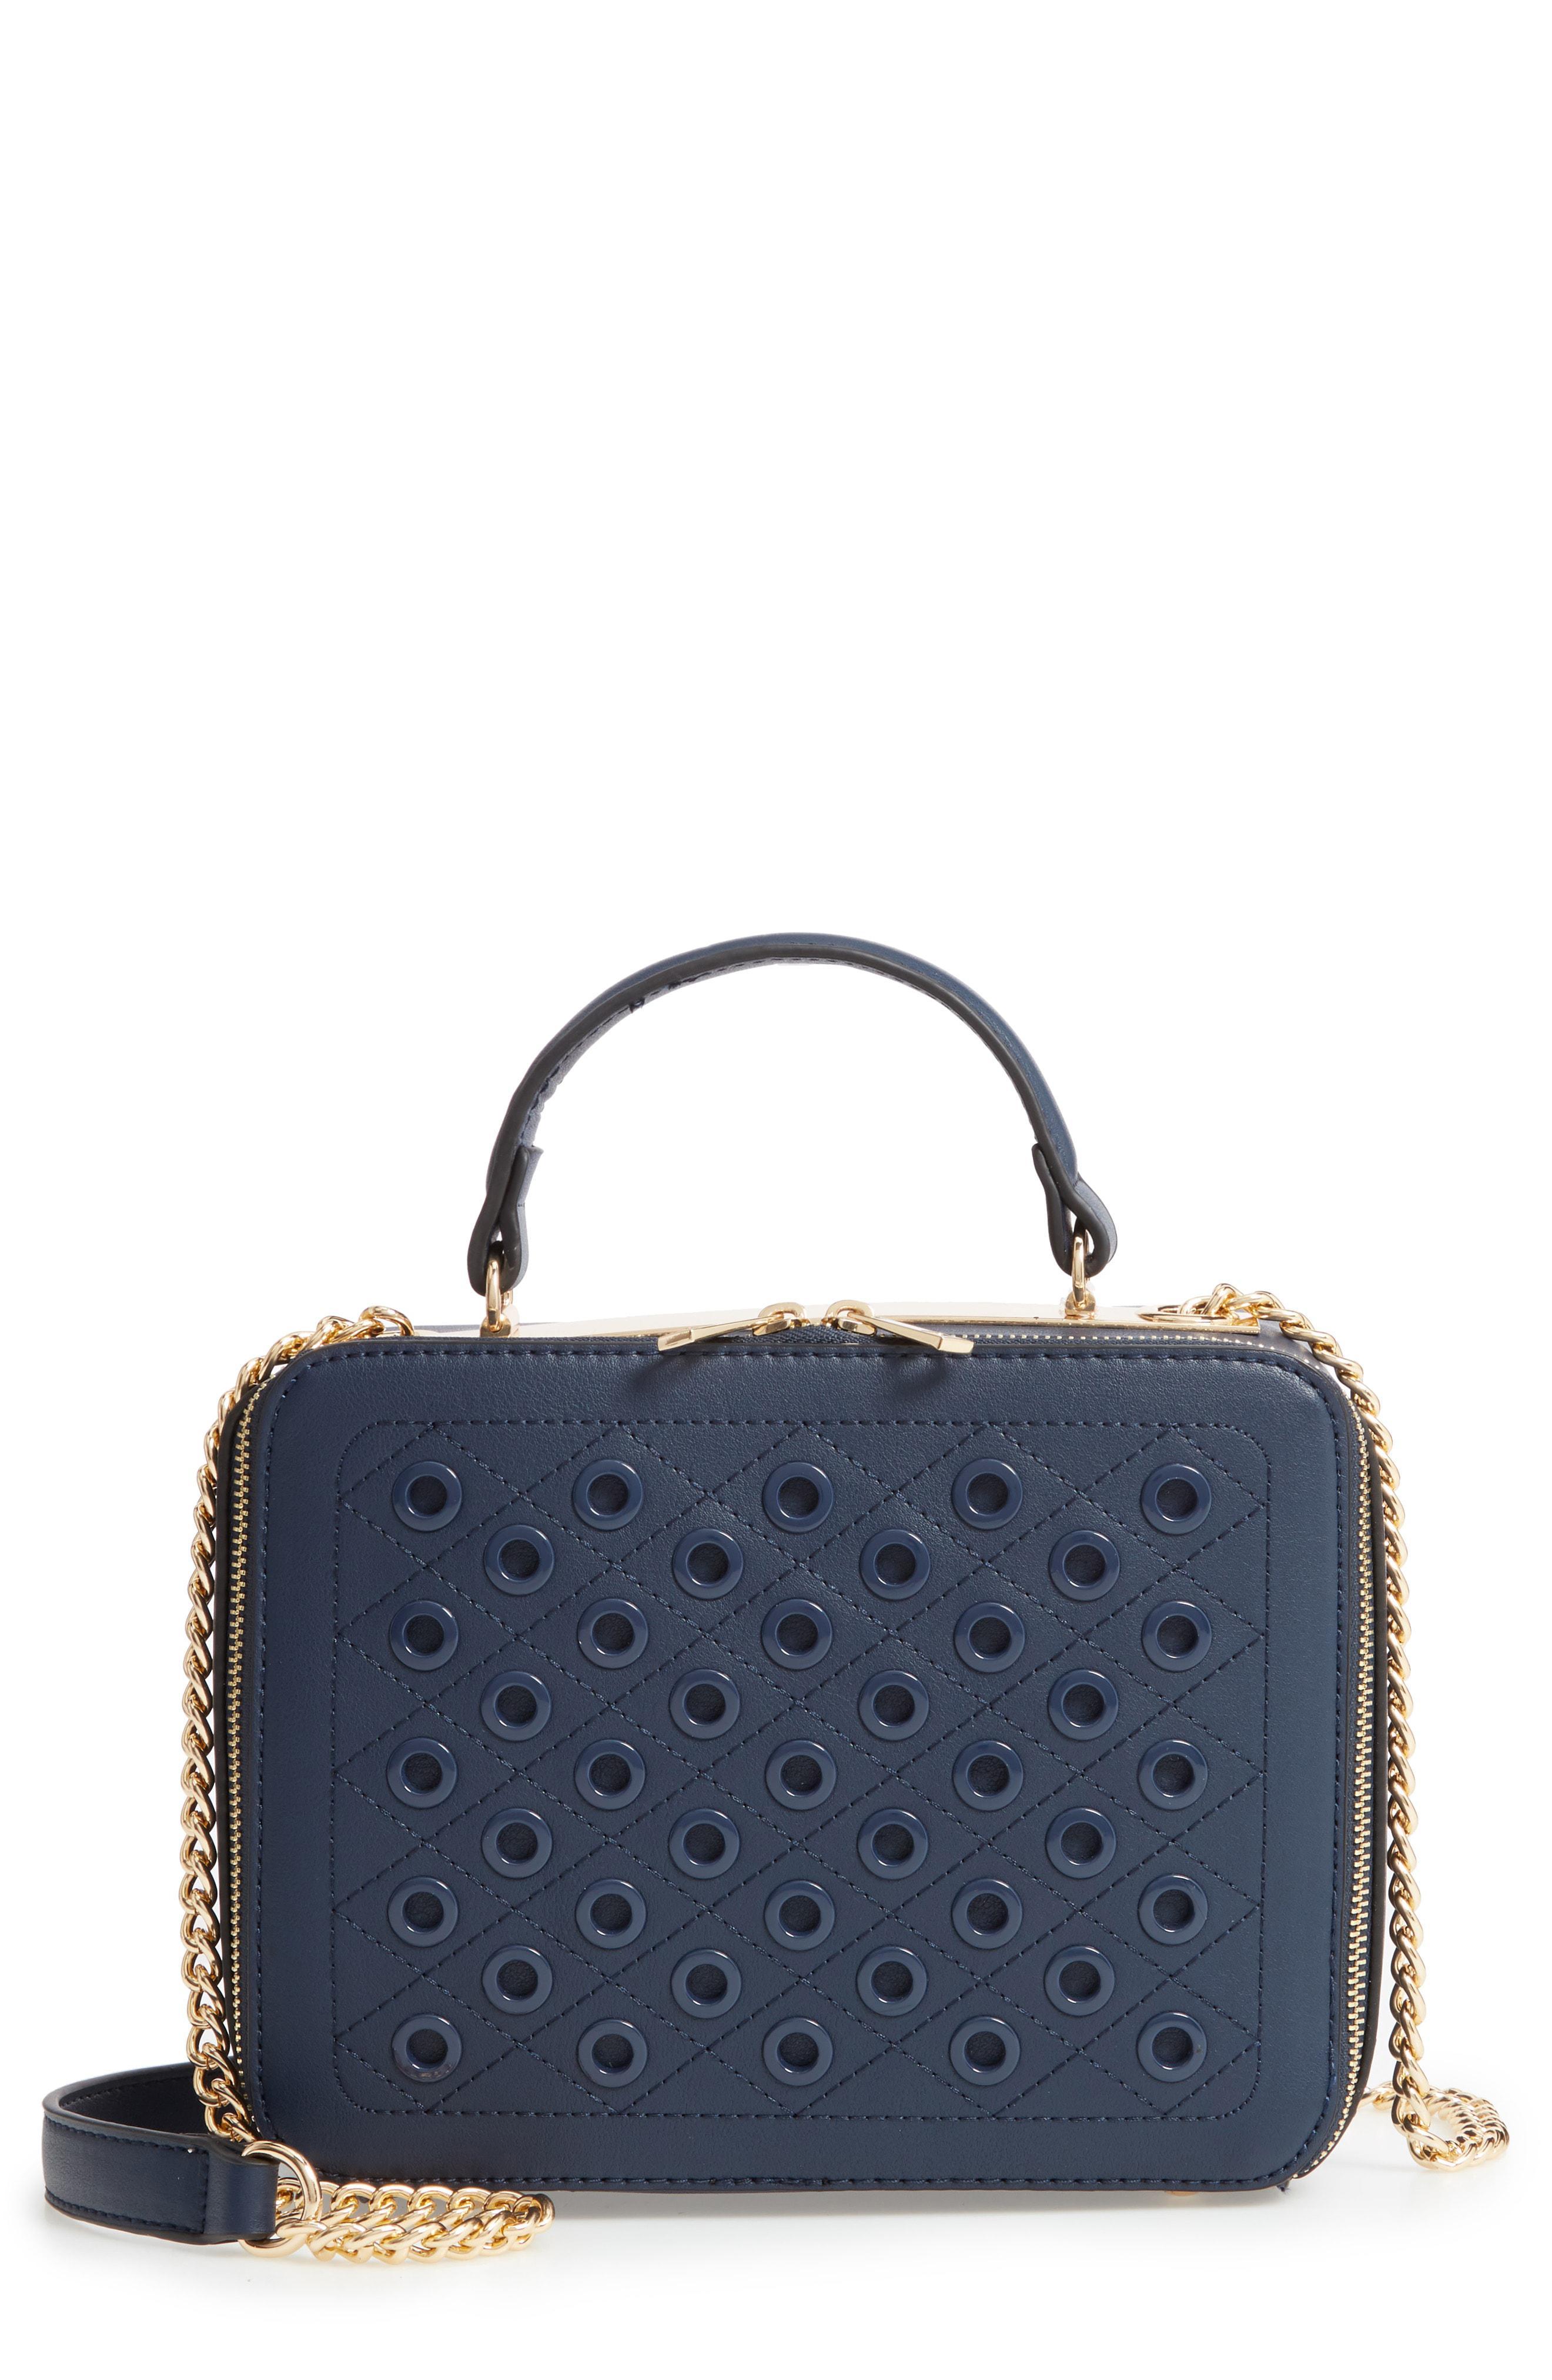 cfac73403b15 Lyst - BP. Grommet Detail Faux Leather Crossbody Bag in Blue